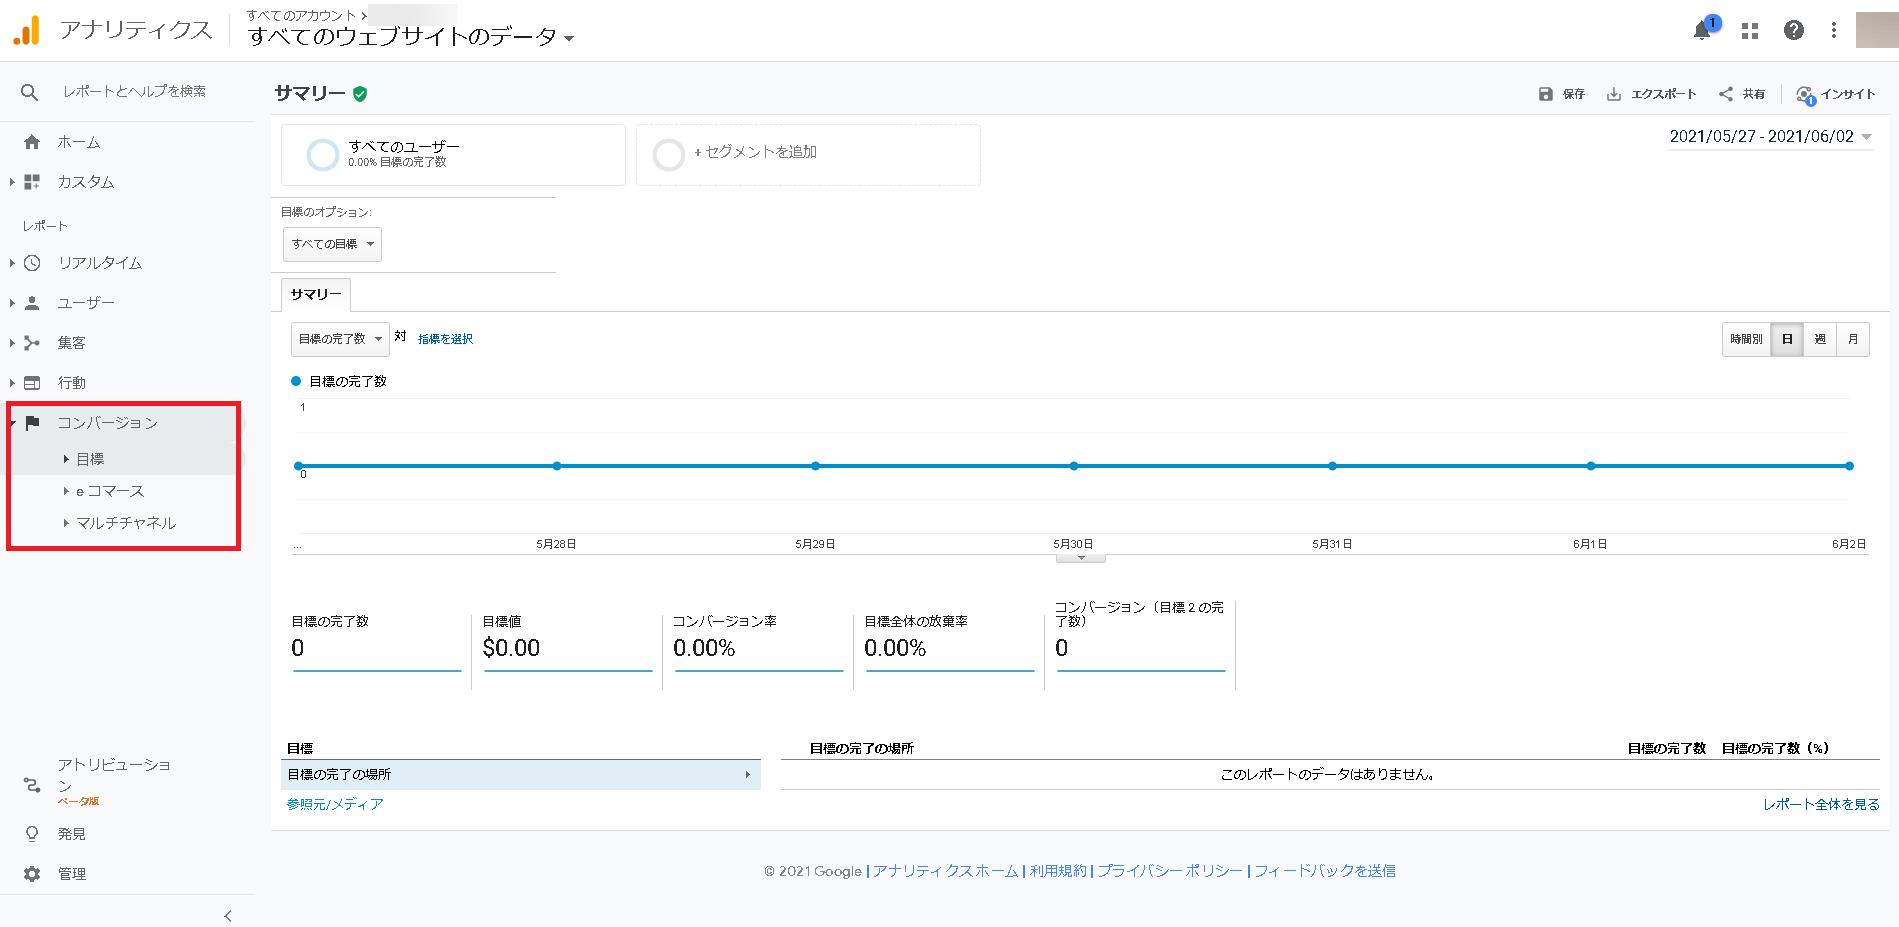 GoogleアナリティクスのCV測定結果の確認方法1